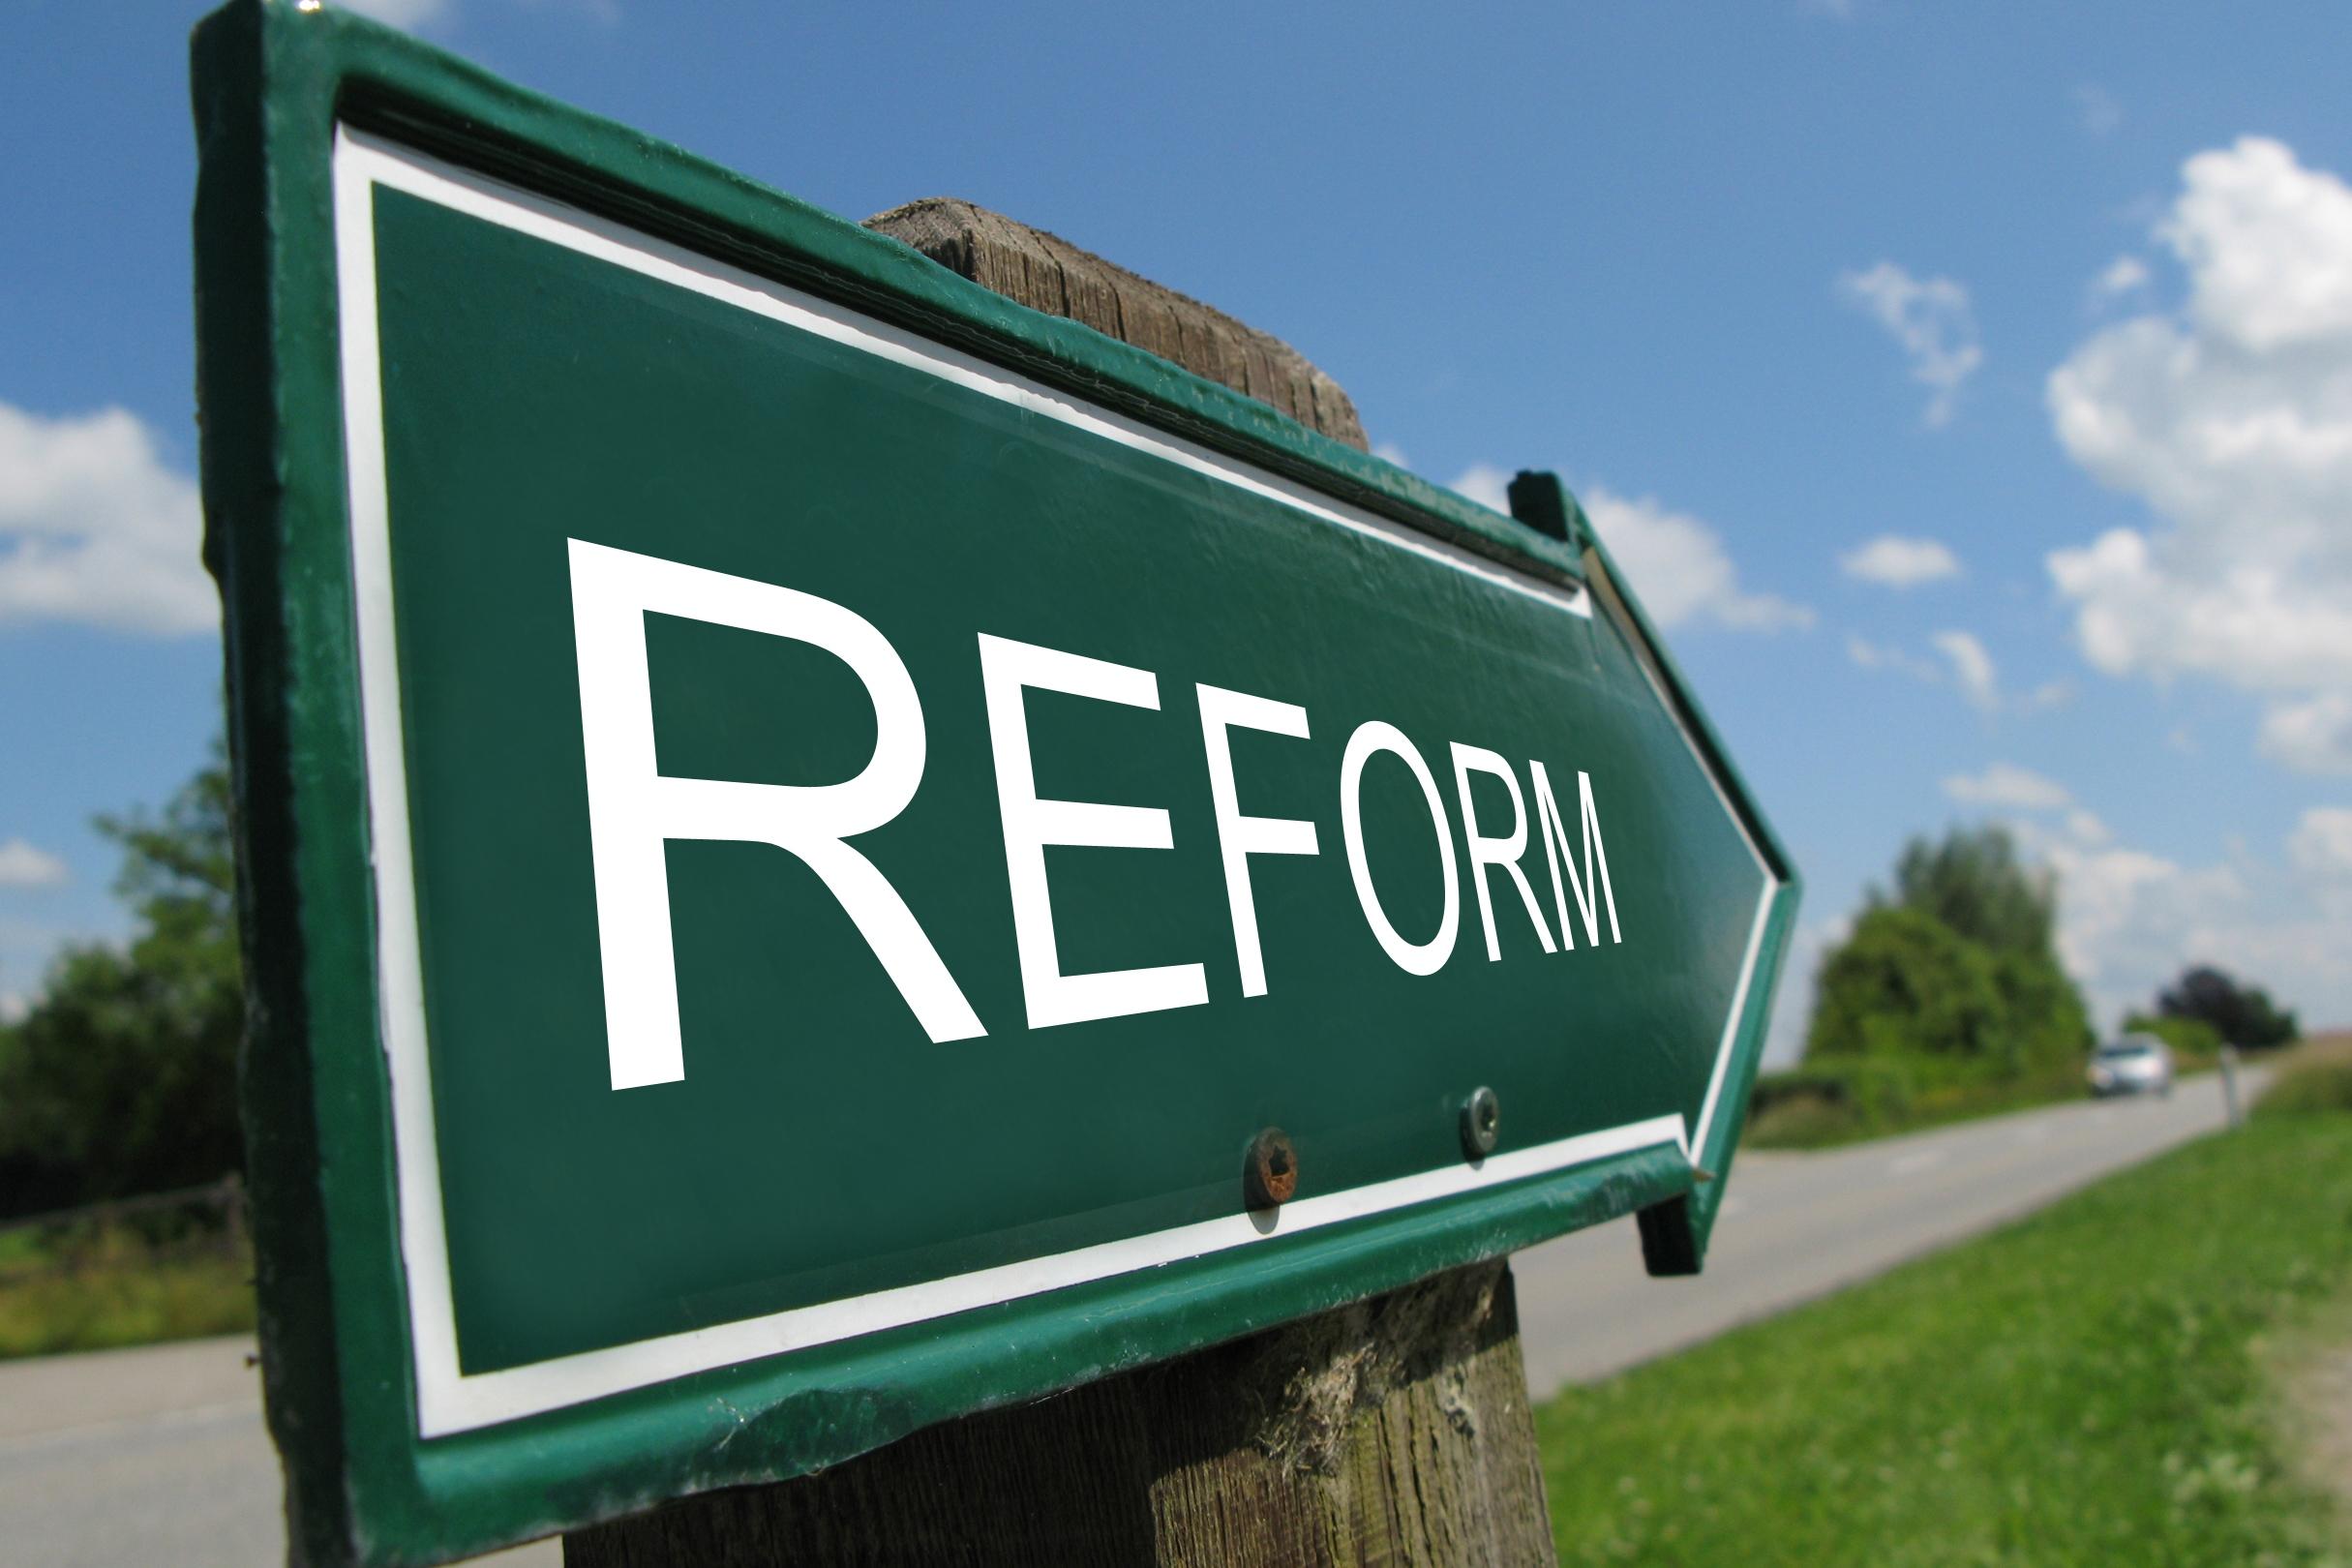 Розпочато реєстрацію на семінар «Як зрозуміло писати про медичну реформу» — м. Черкаси, 20-21 вересня 2018 рік